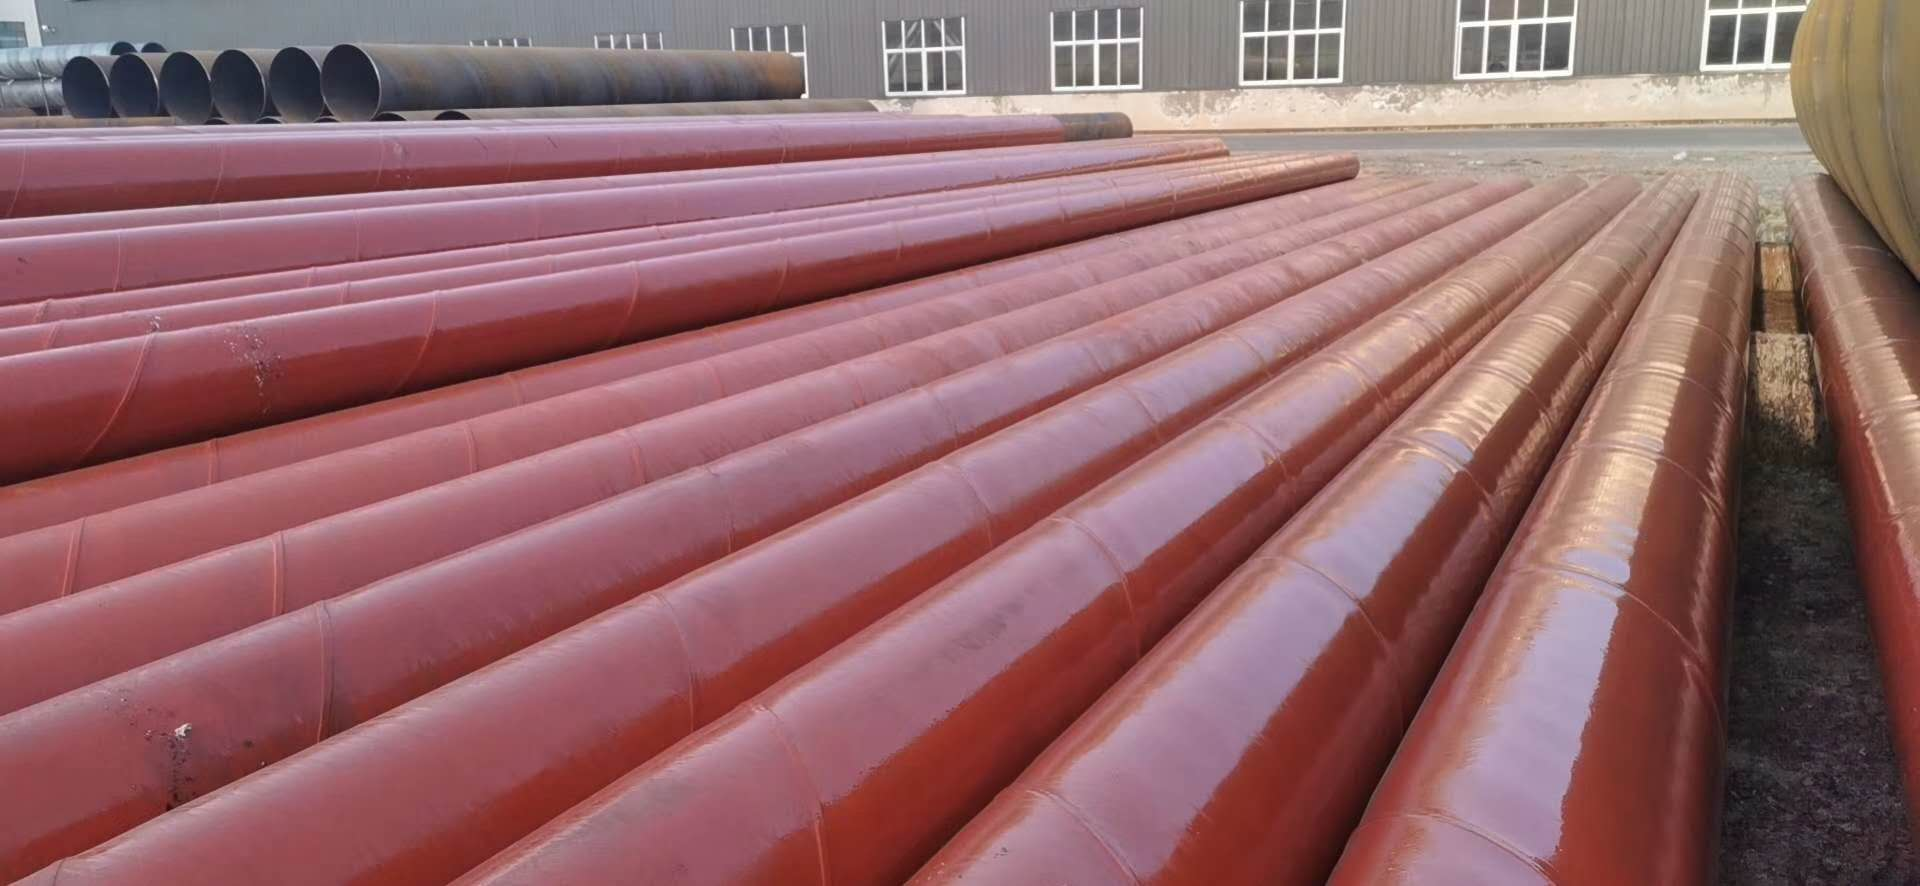 岳阳华容螺旋钢管一吨多少钱--龙头企业